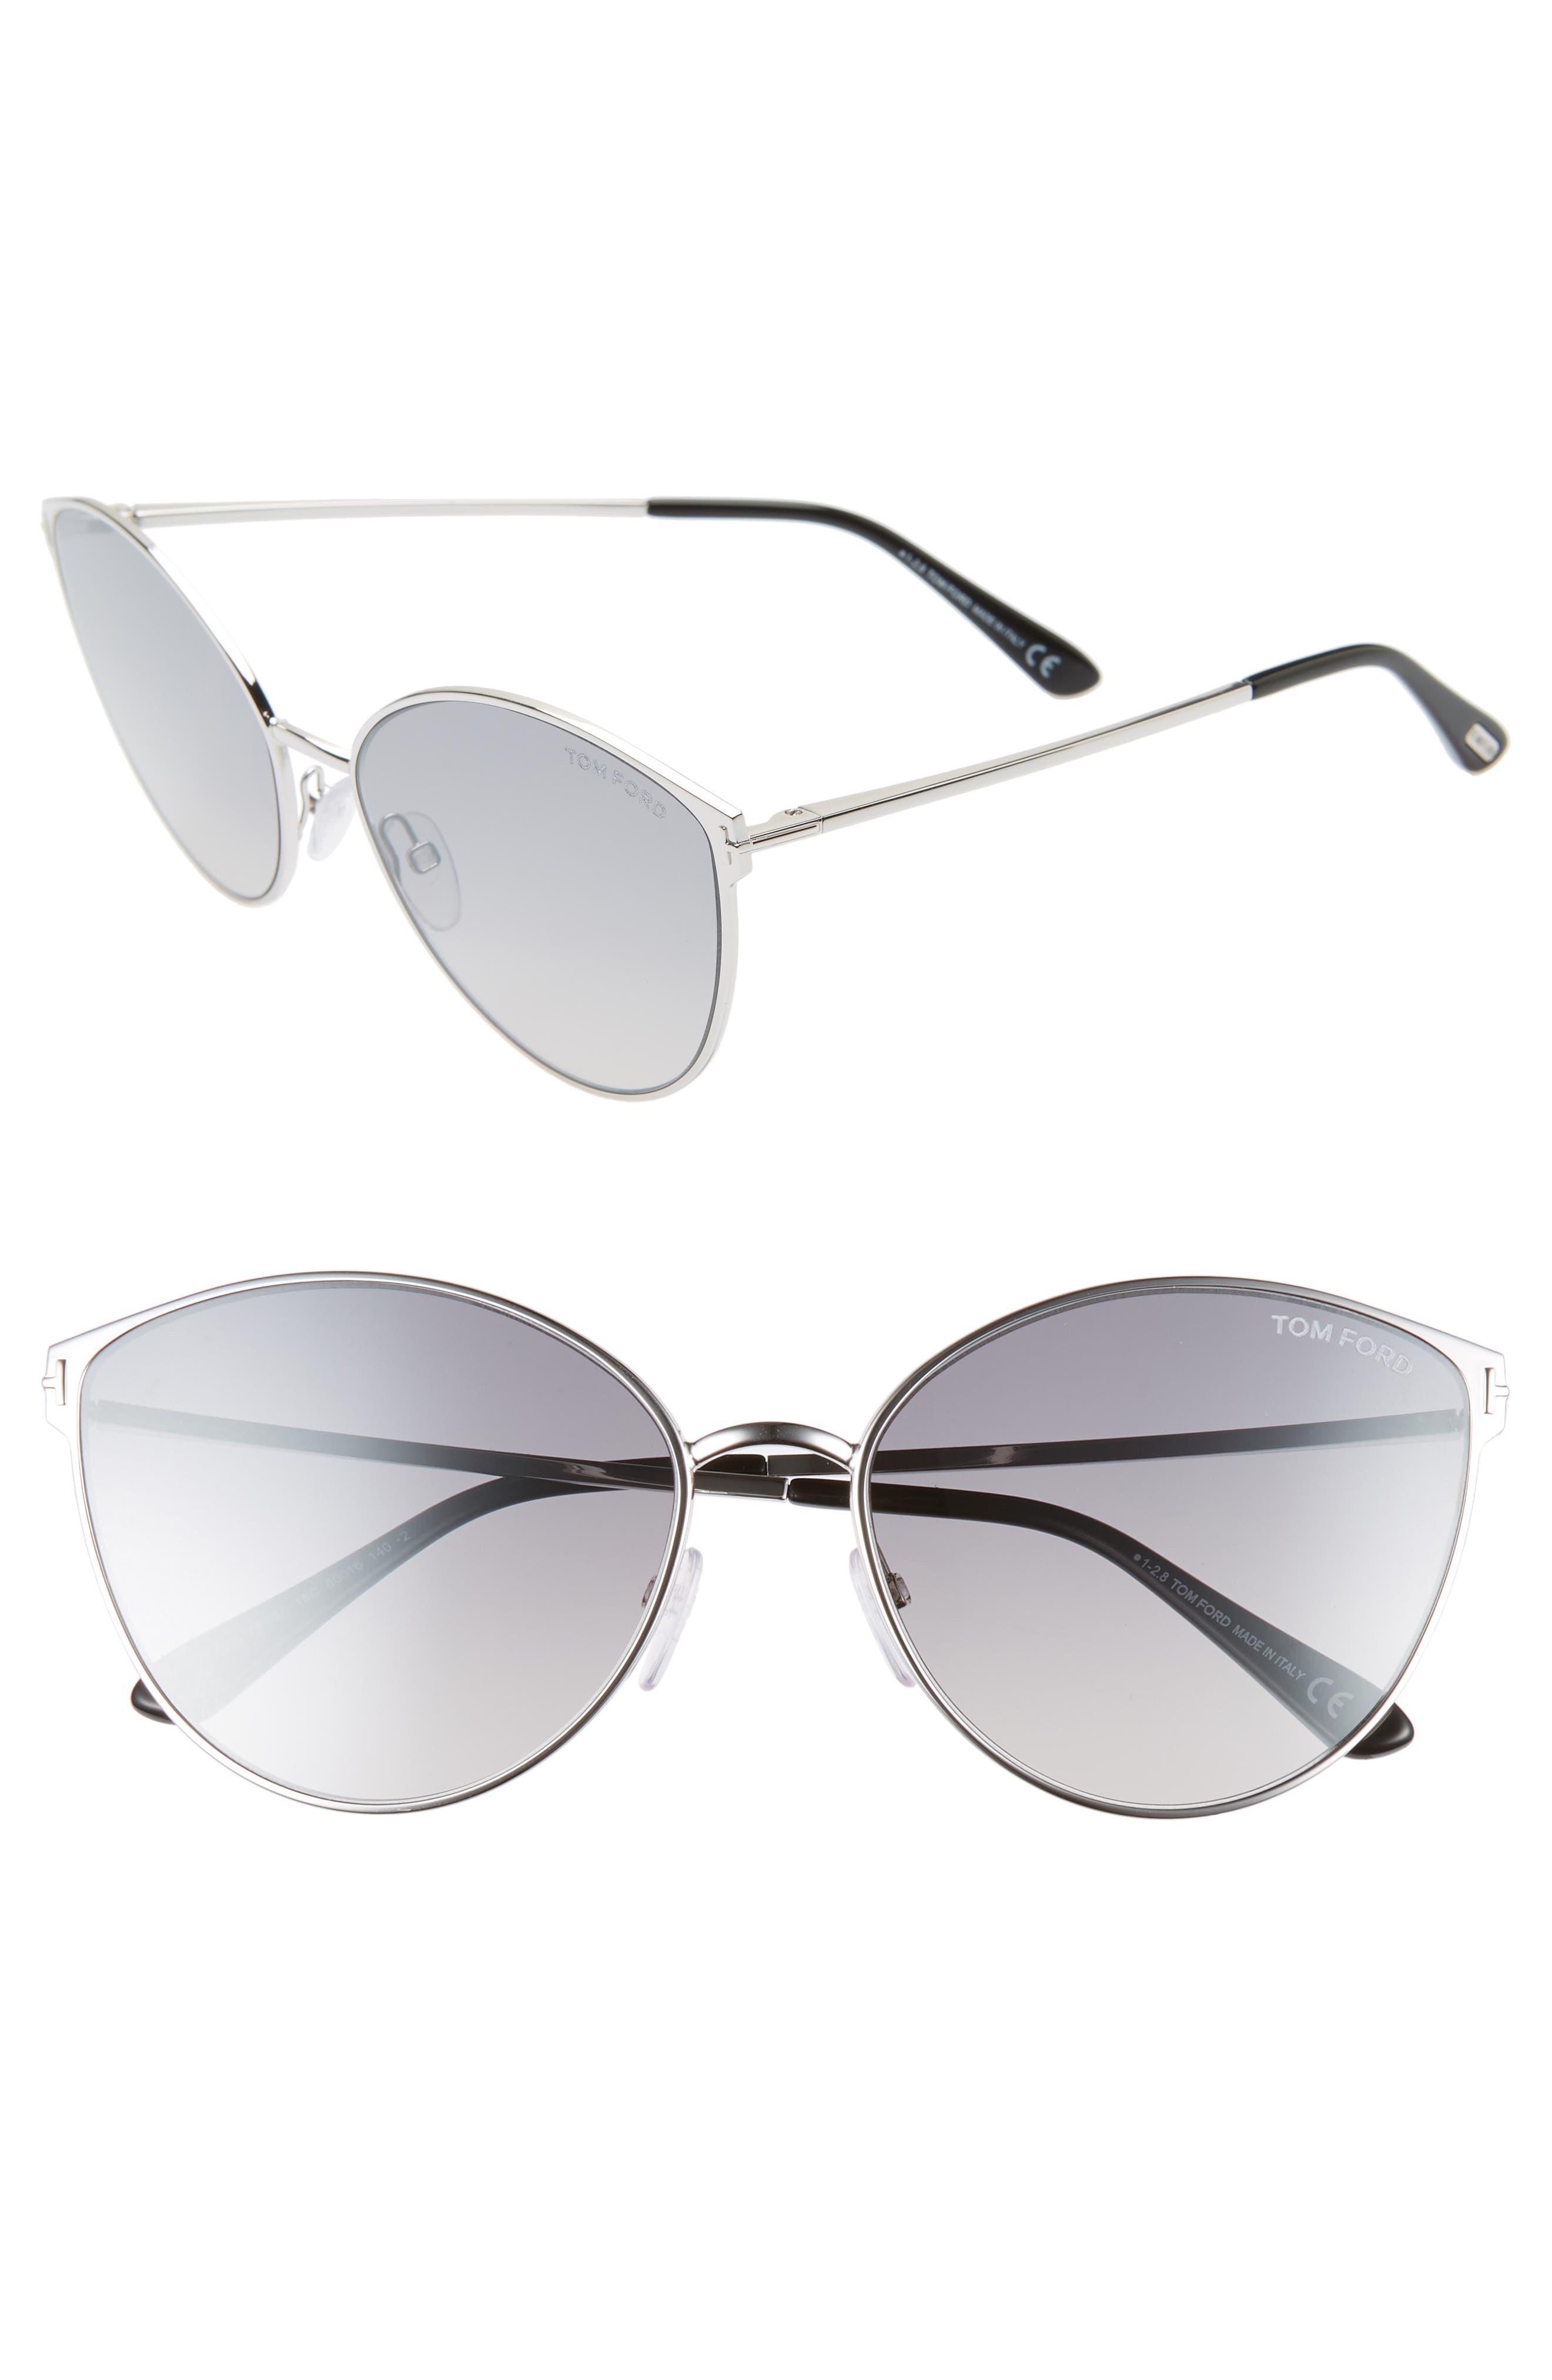 3d9da18d5c6 Women s Tom Ford Cat-Eye Sunglasses